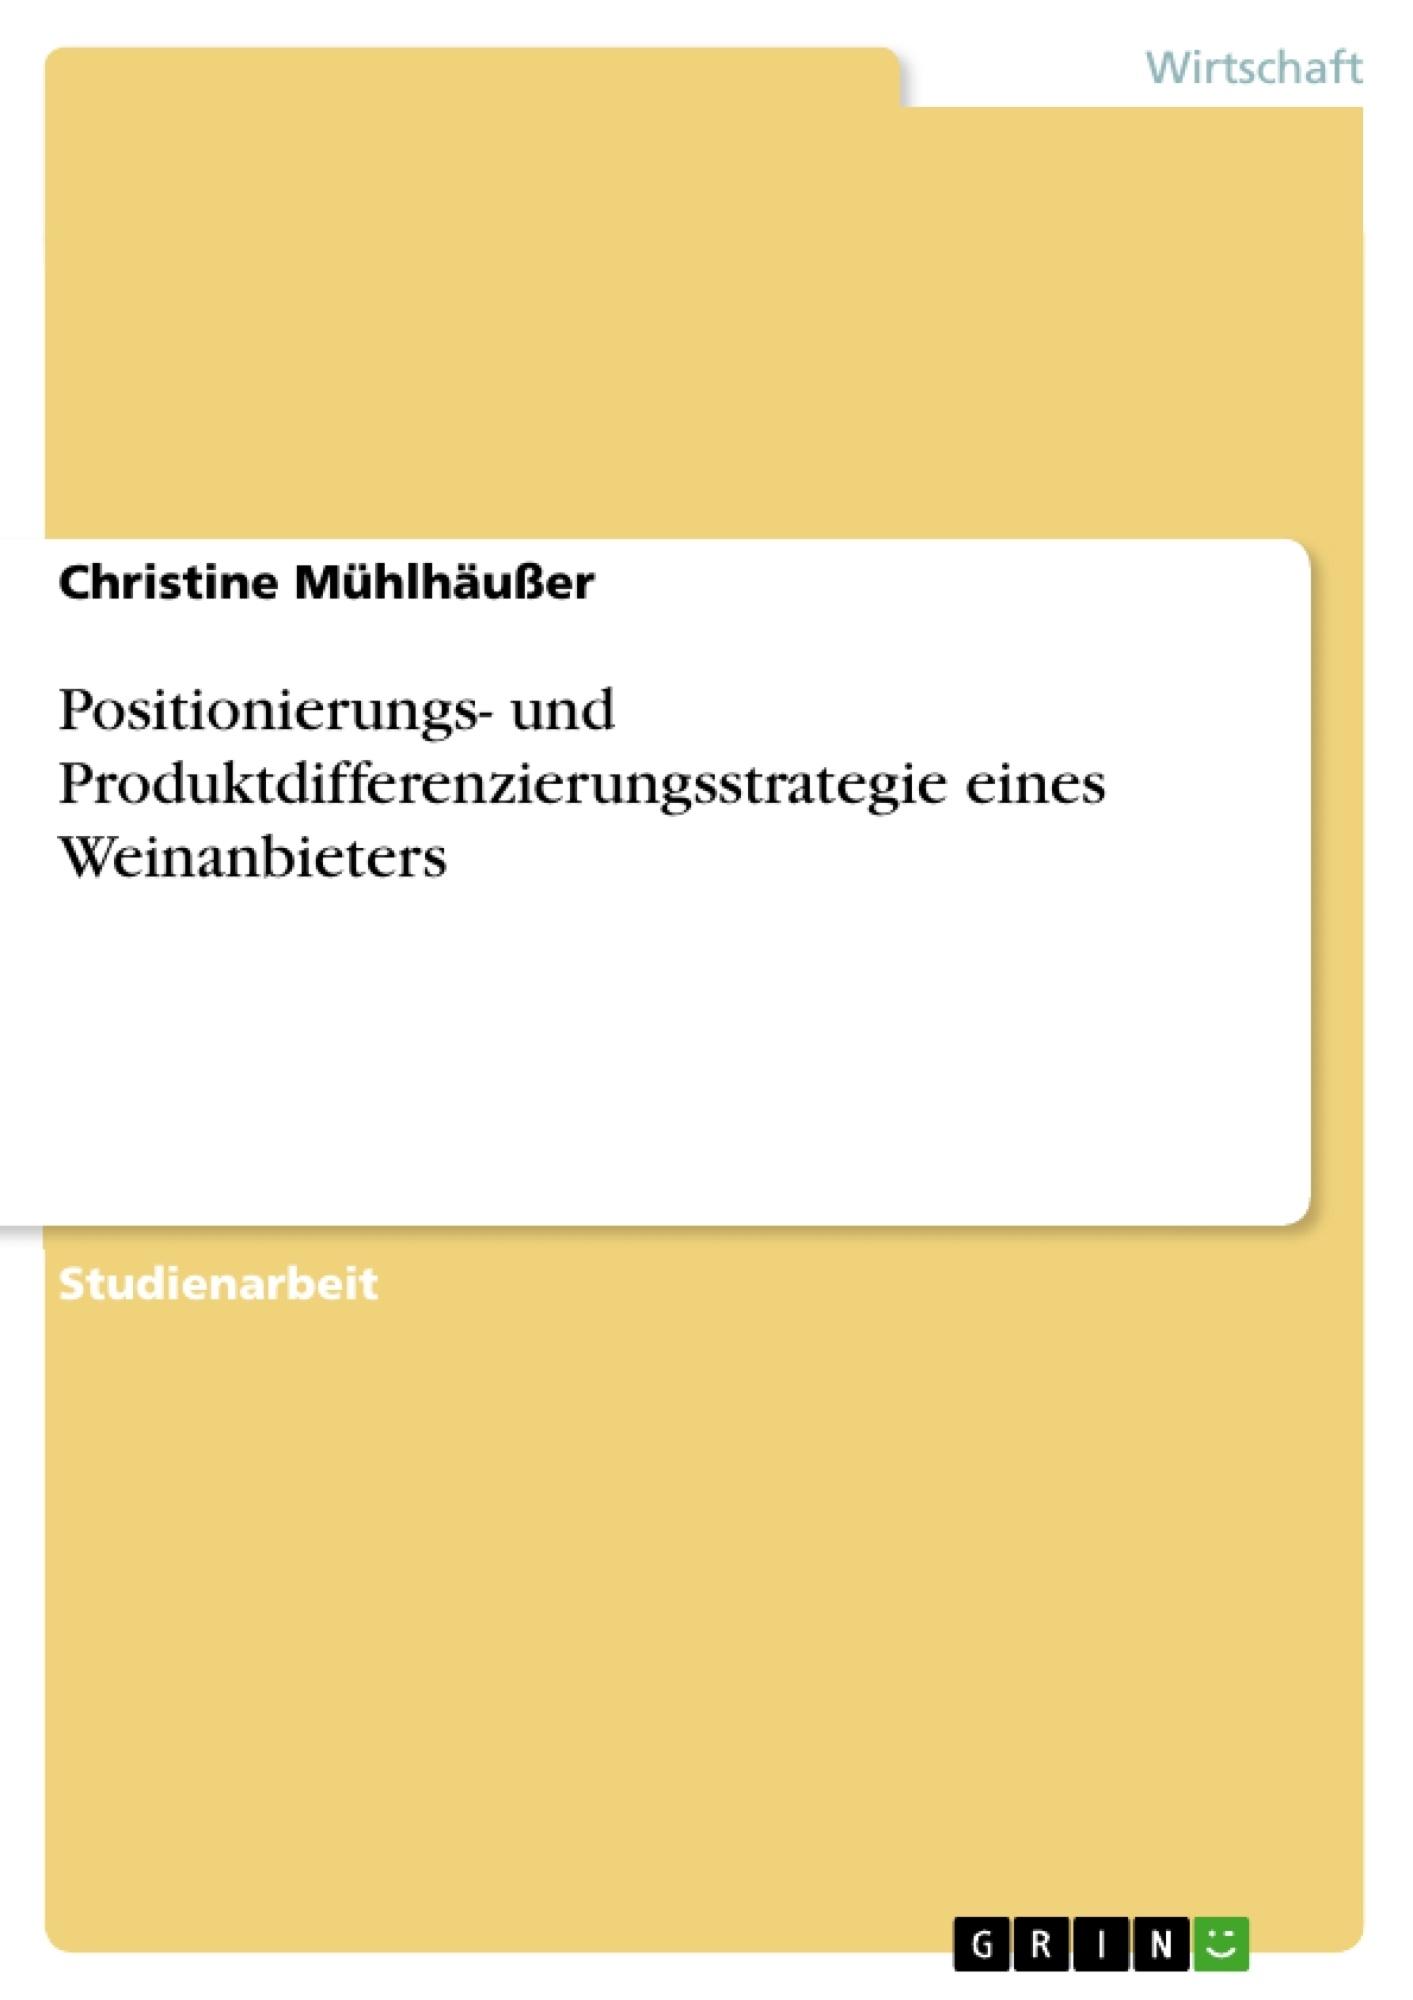 Titel: Positionierungs- und Produktdifferenzierungsstrategie eines Weinanbieters